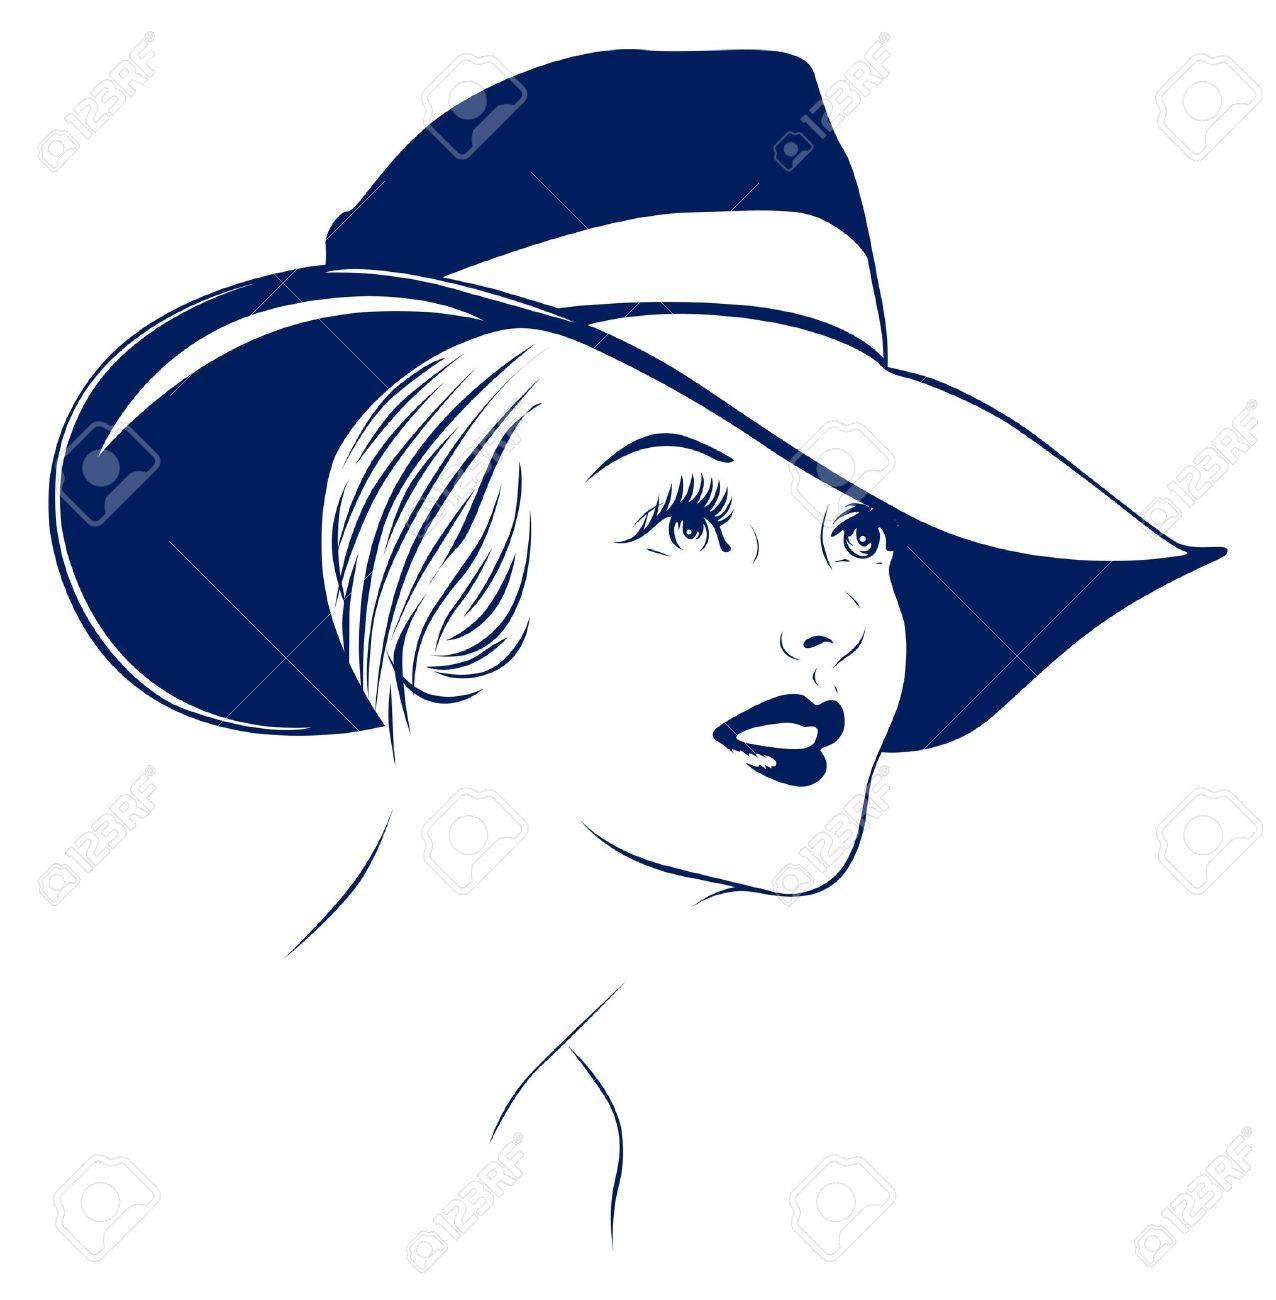 hat young women portrait - 9554777